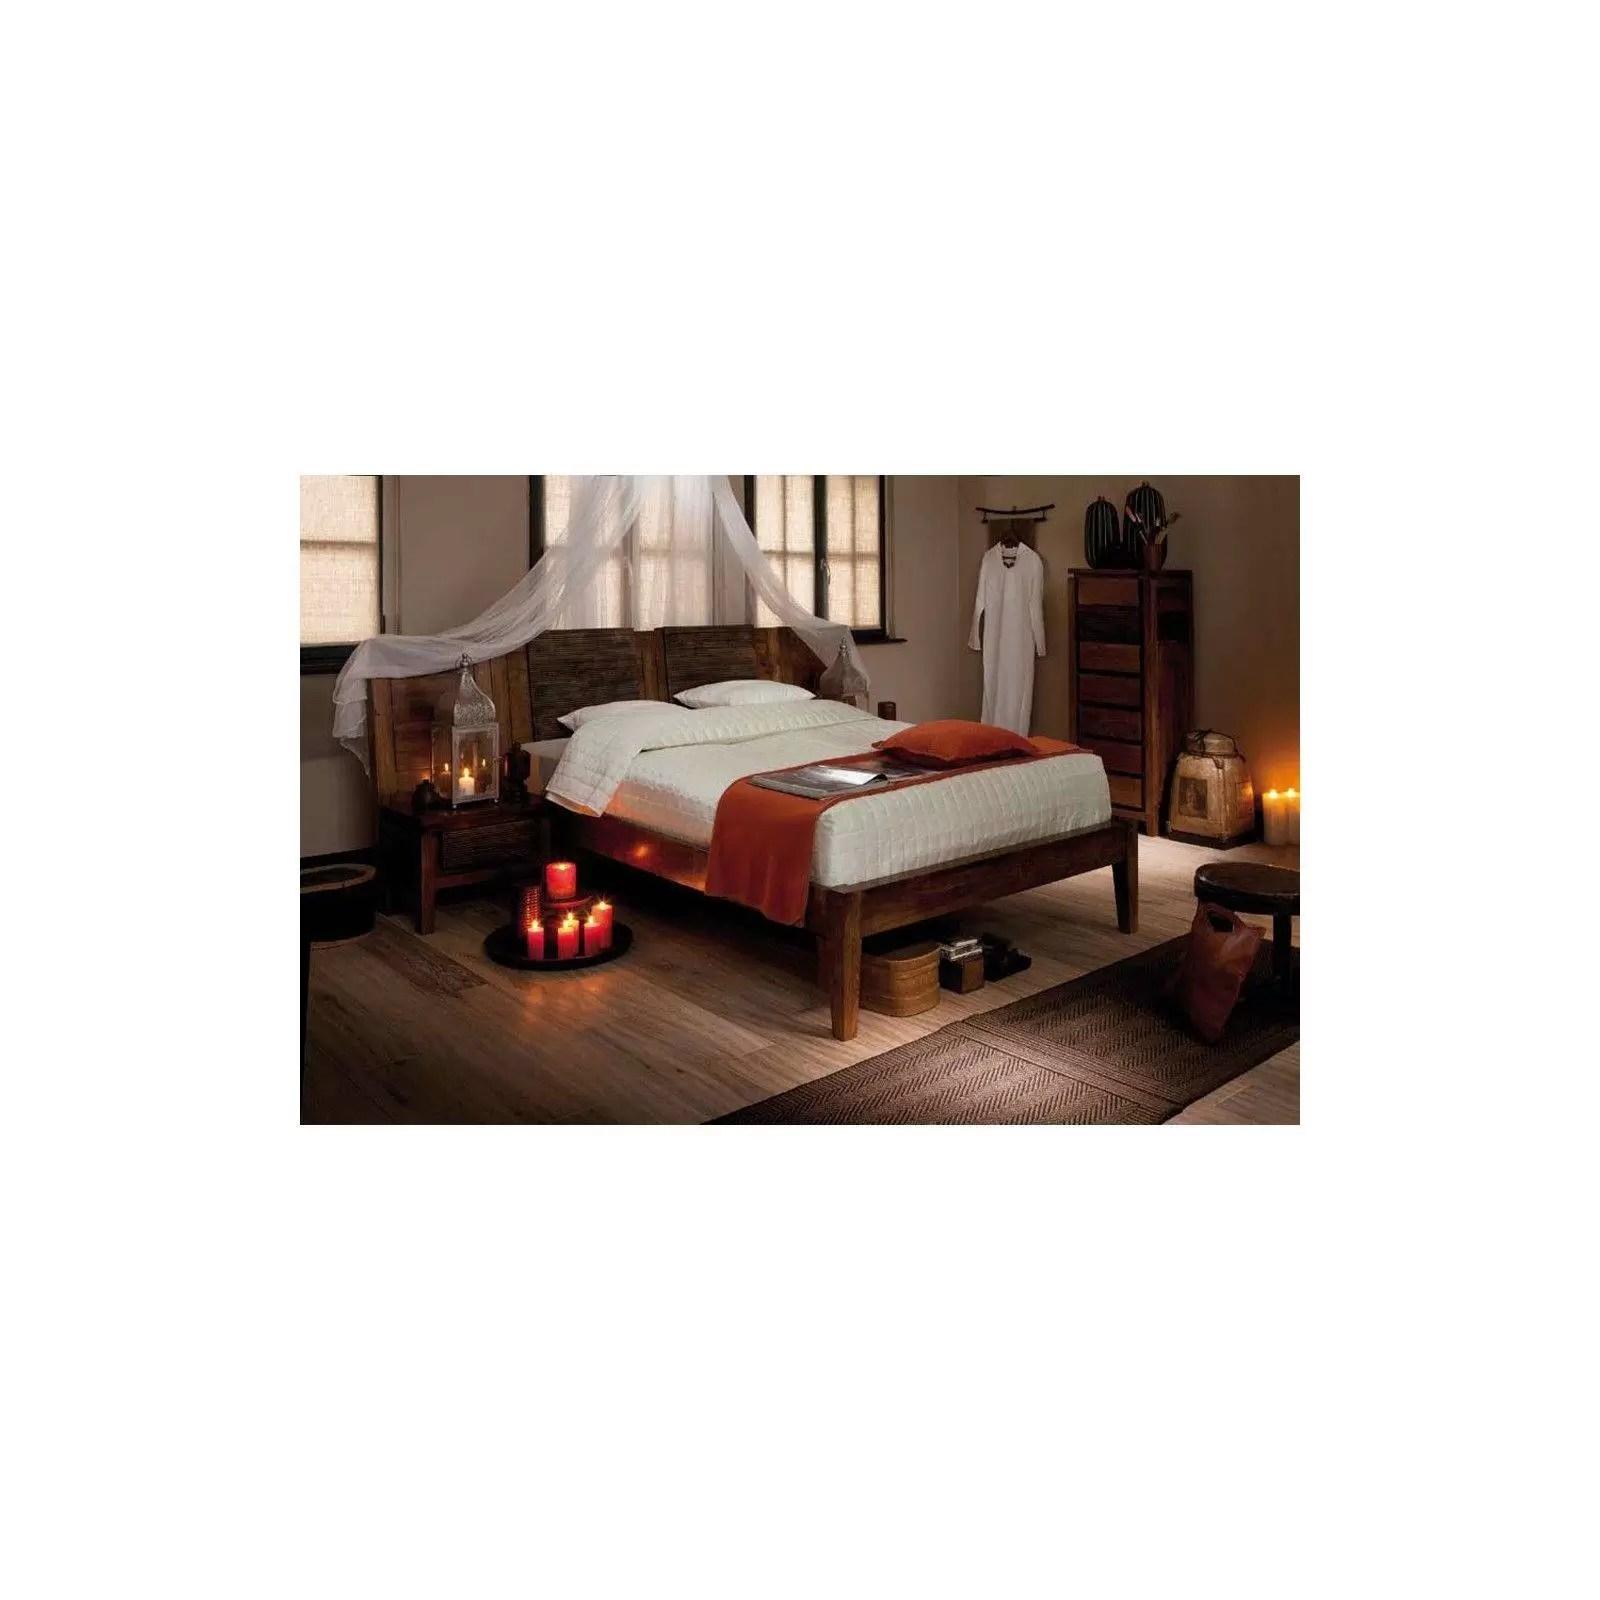 lit haut de gamme lisboa en acacia massif 160cm bois et chiffons